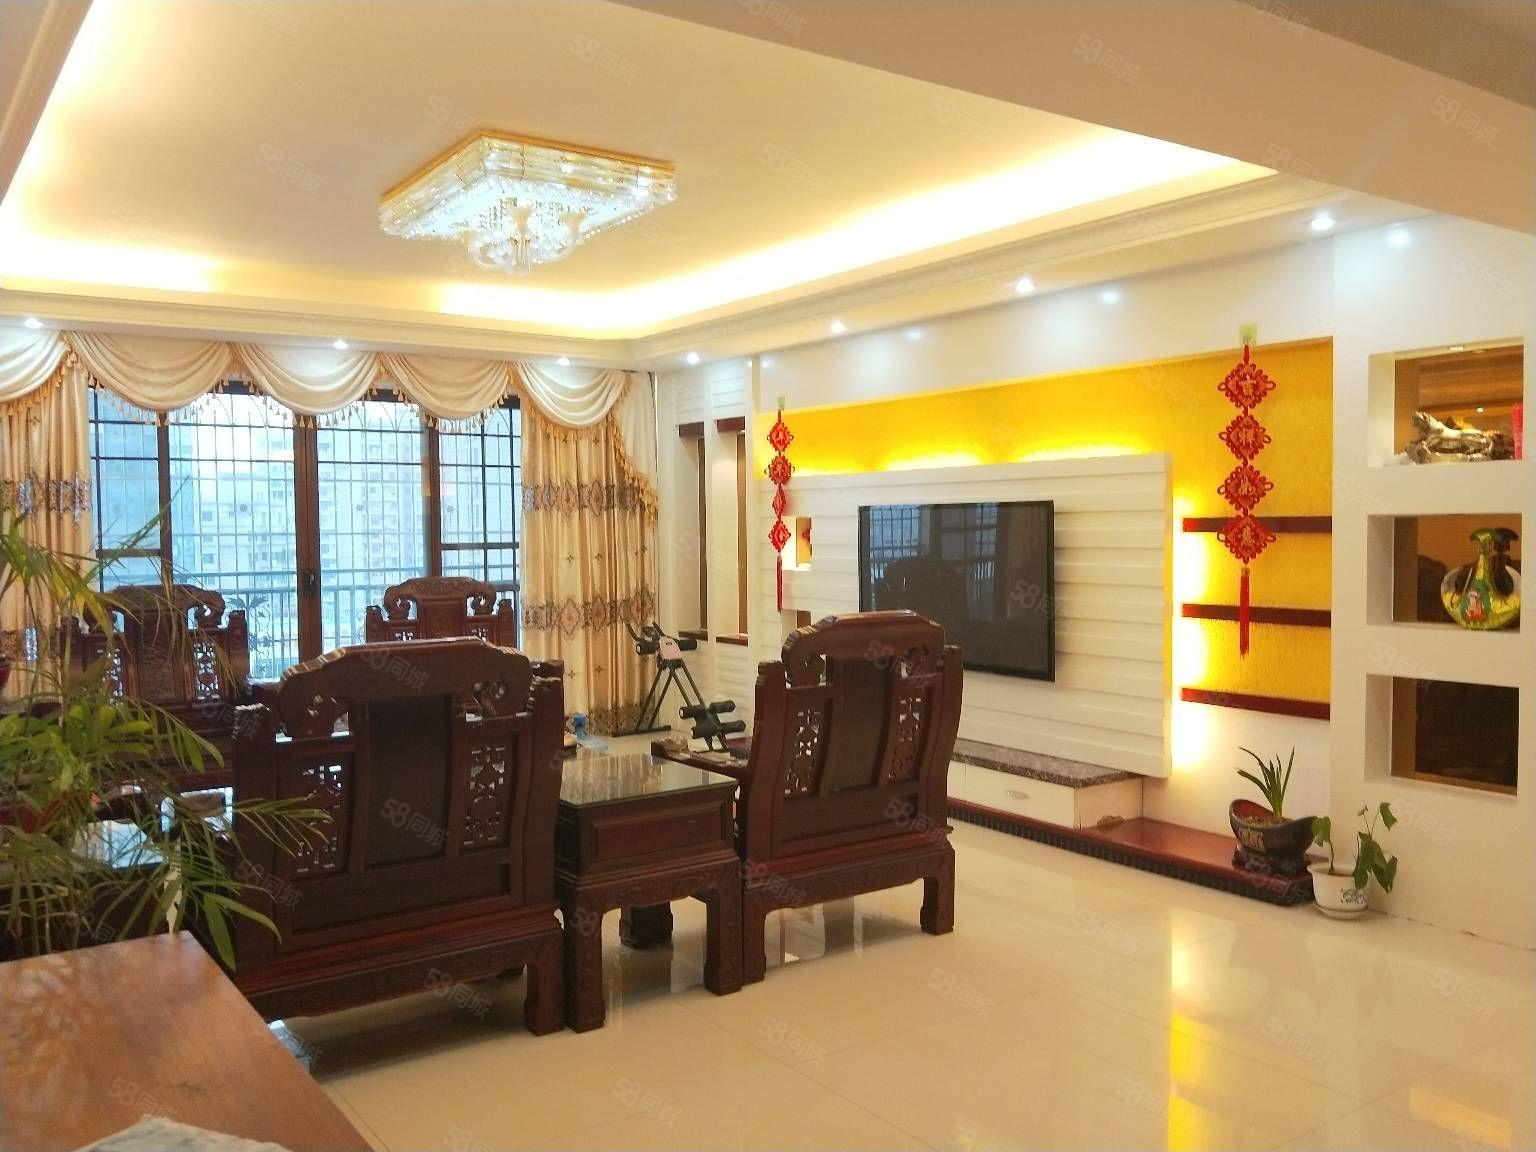 宏庄大厦电梯高层套房出售。产权面积163平米,两证齐全可贷款